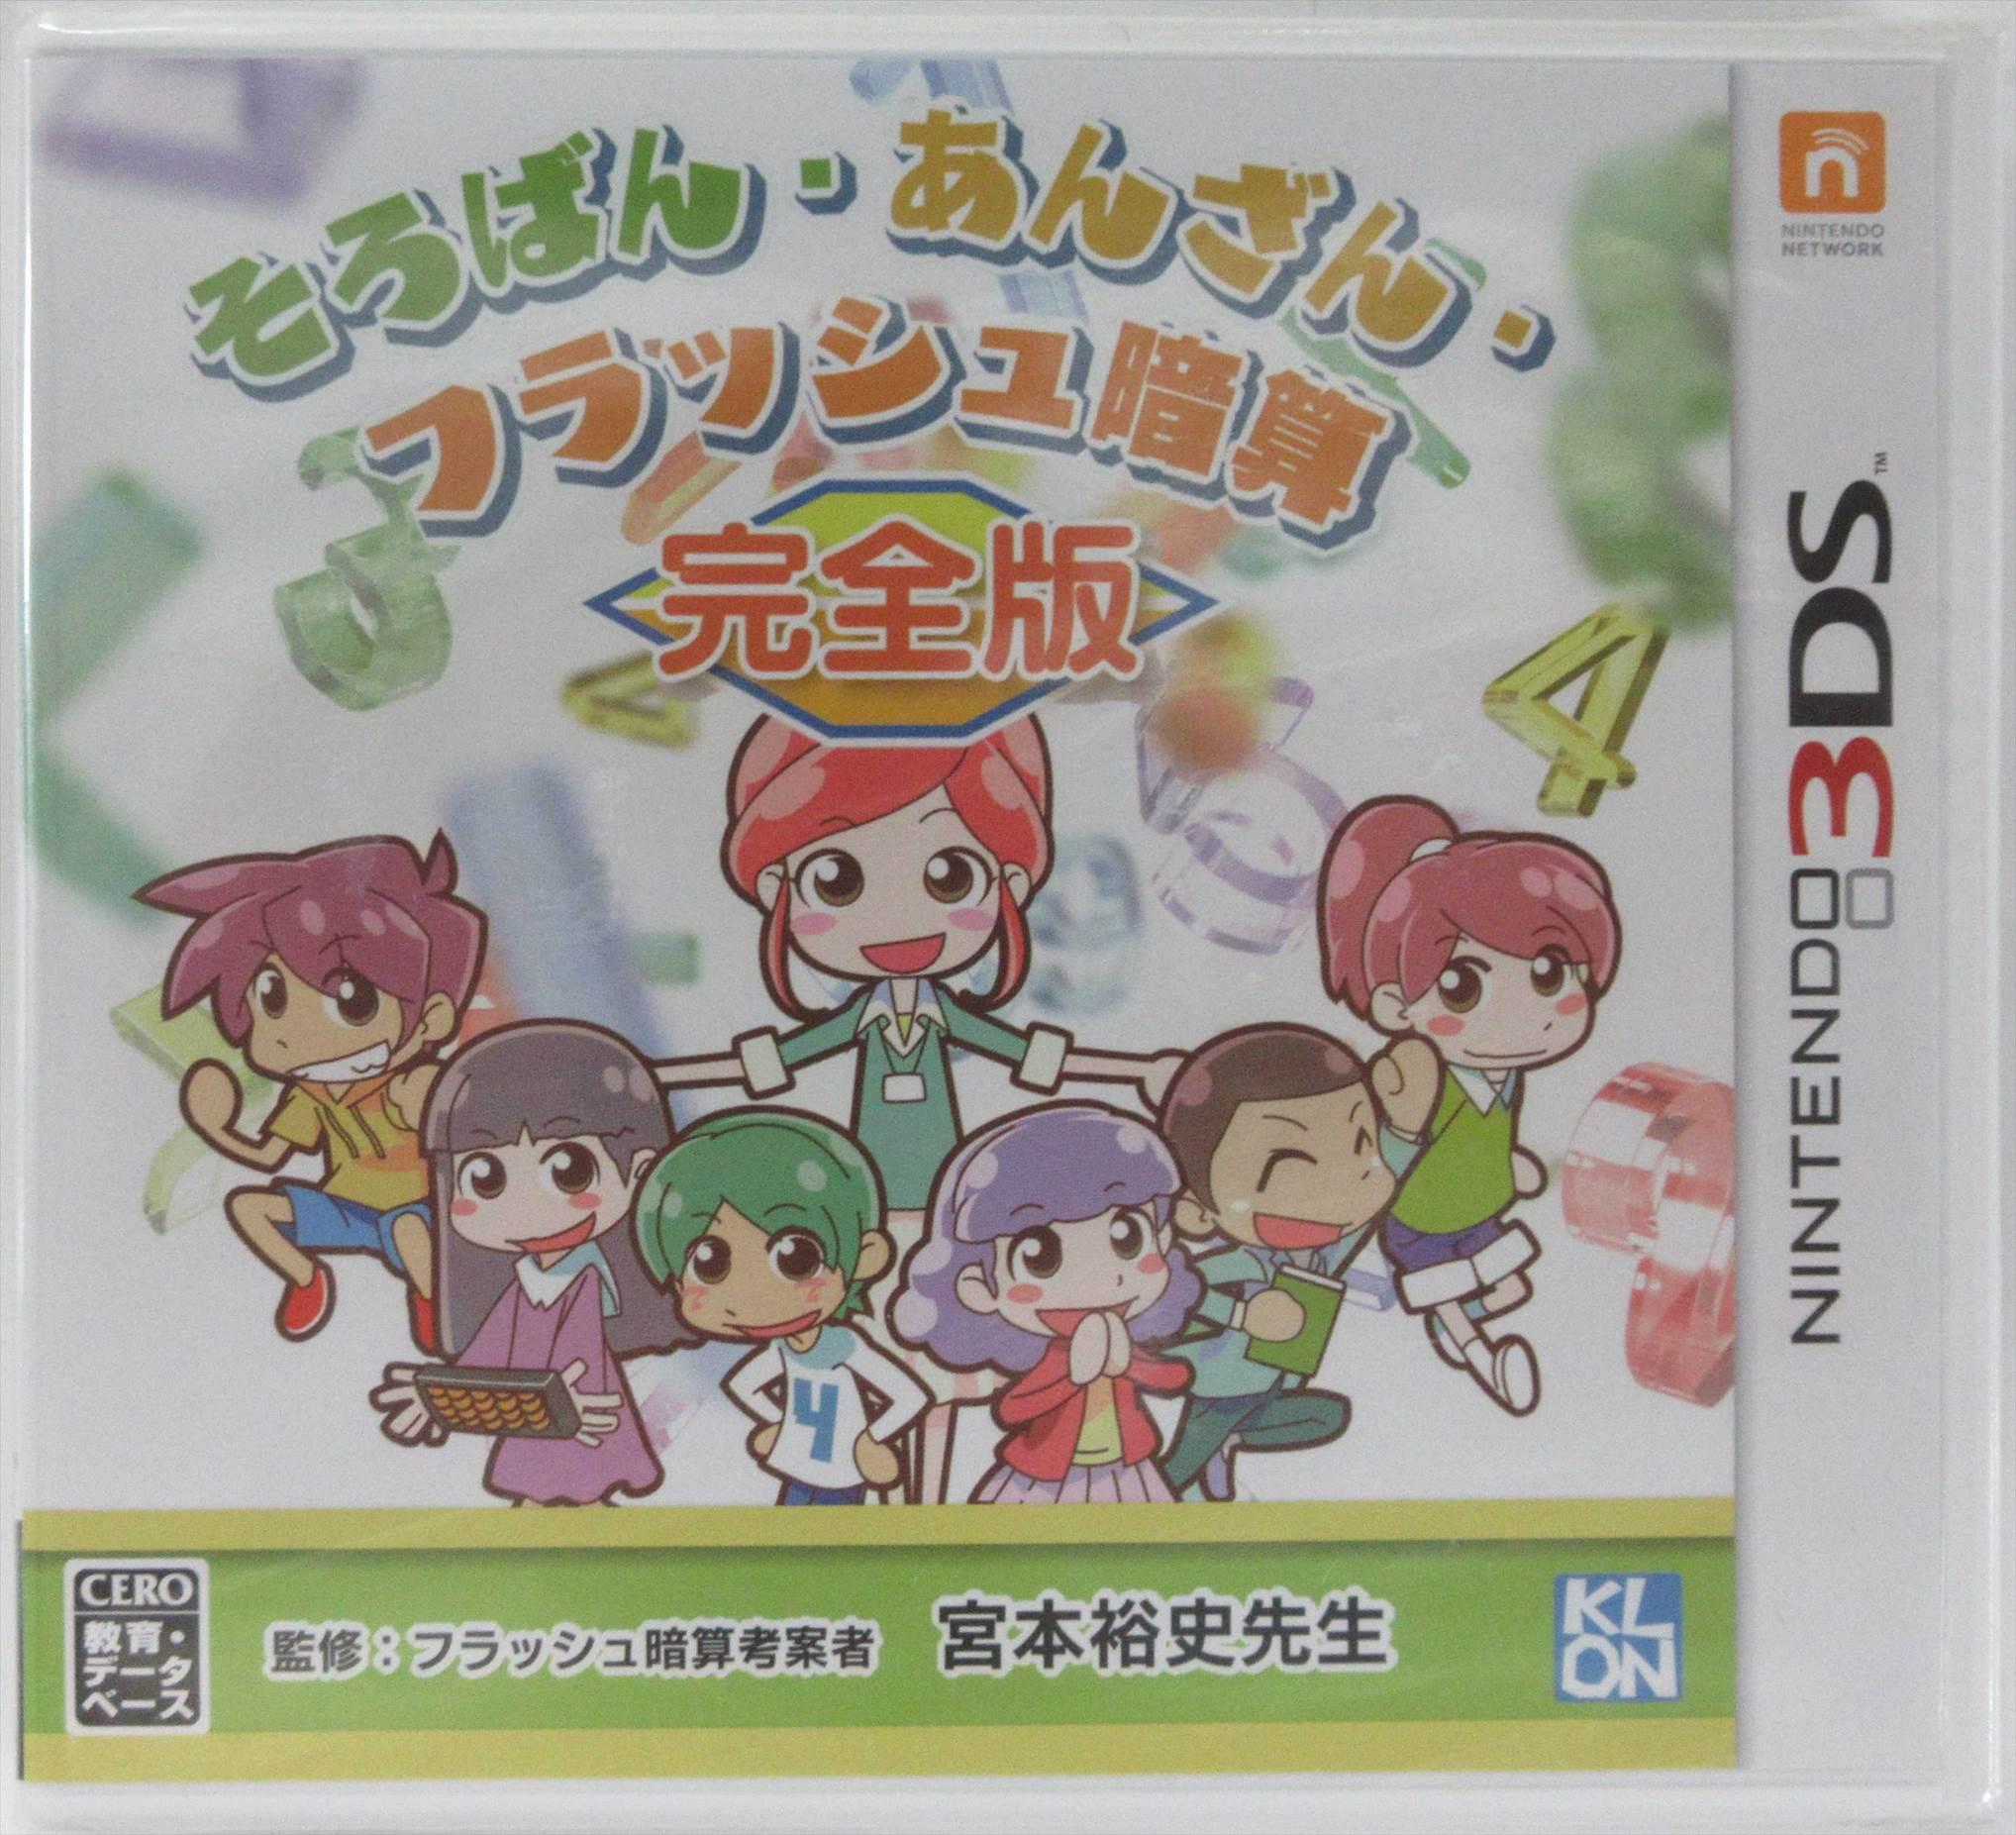 3DSソフト完全版 そろばん・あんざん・フラッシュ暗算 完全版